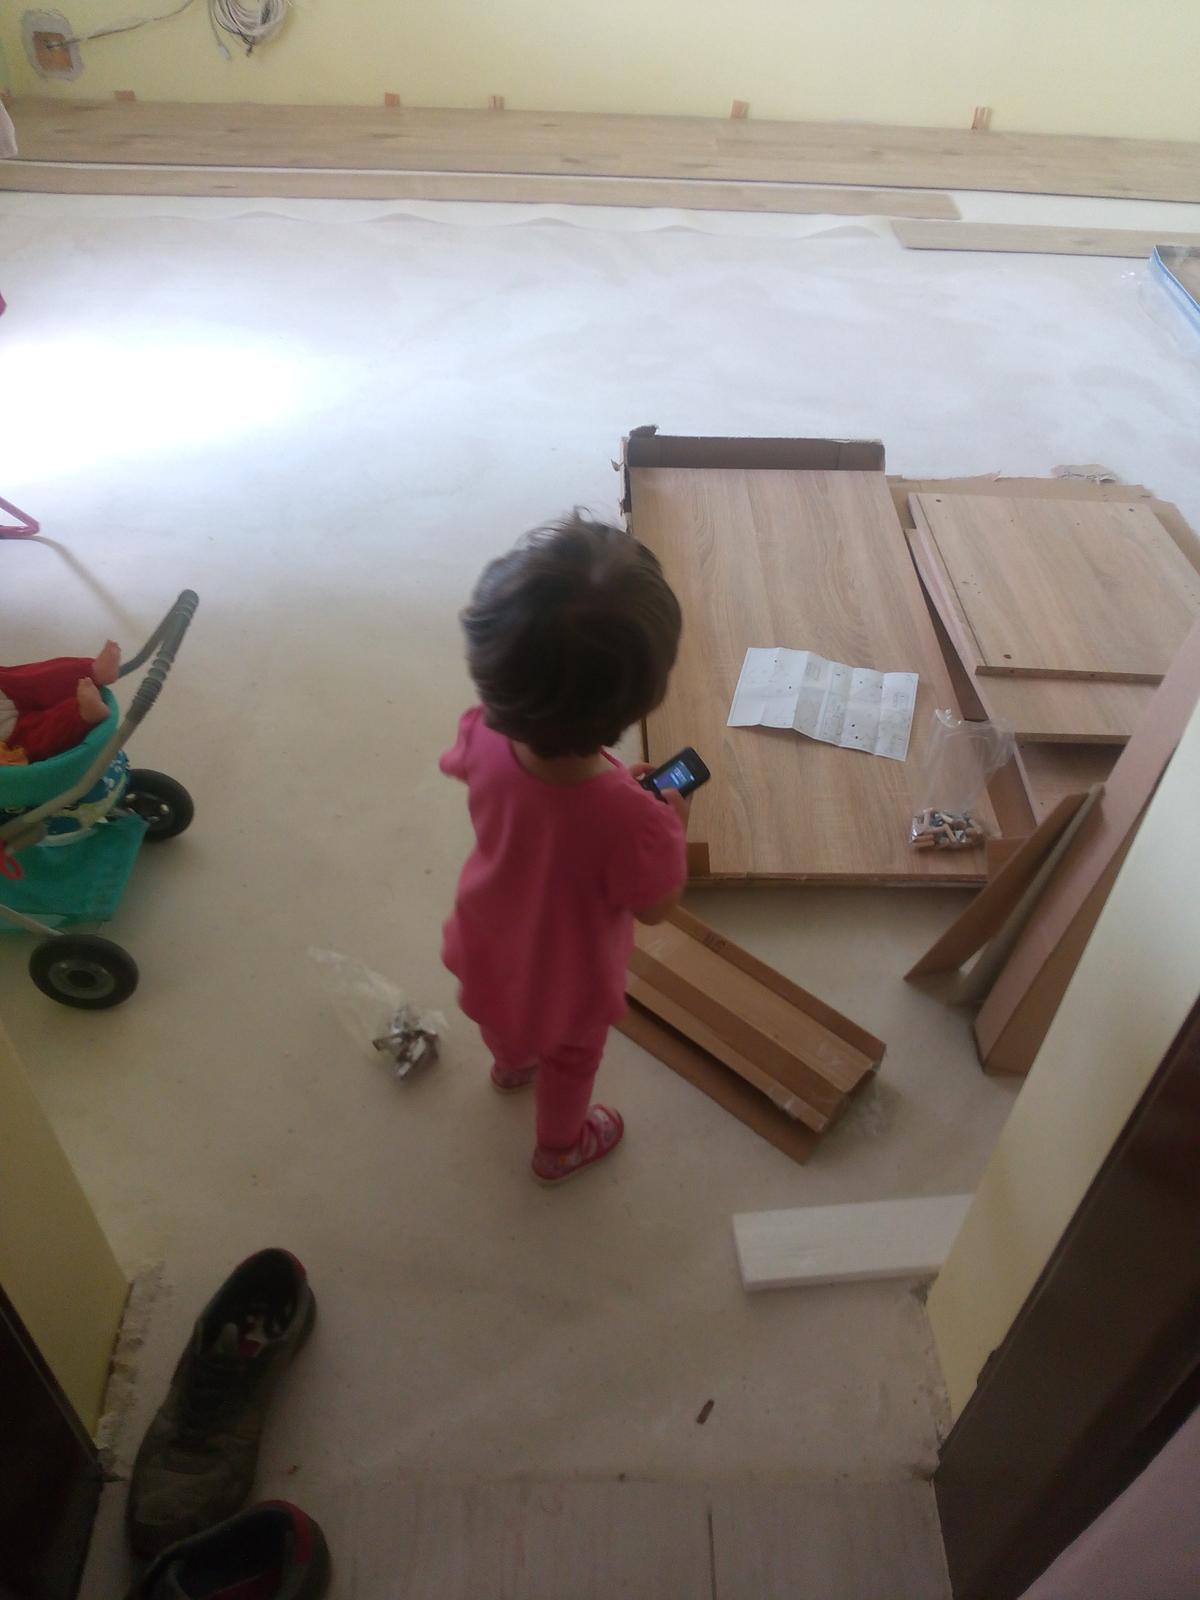 Tu bývame - moj maly pomocnik... pokladáme plávačku a skladáme nový nábytok.